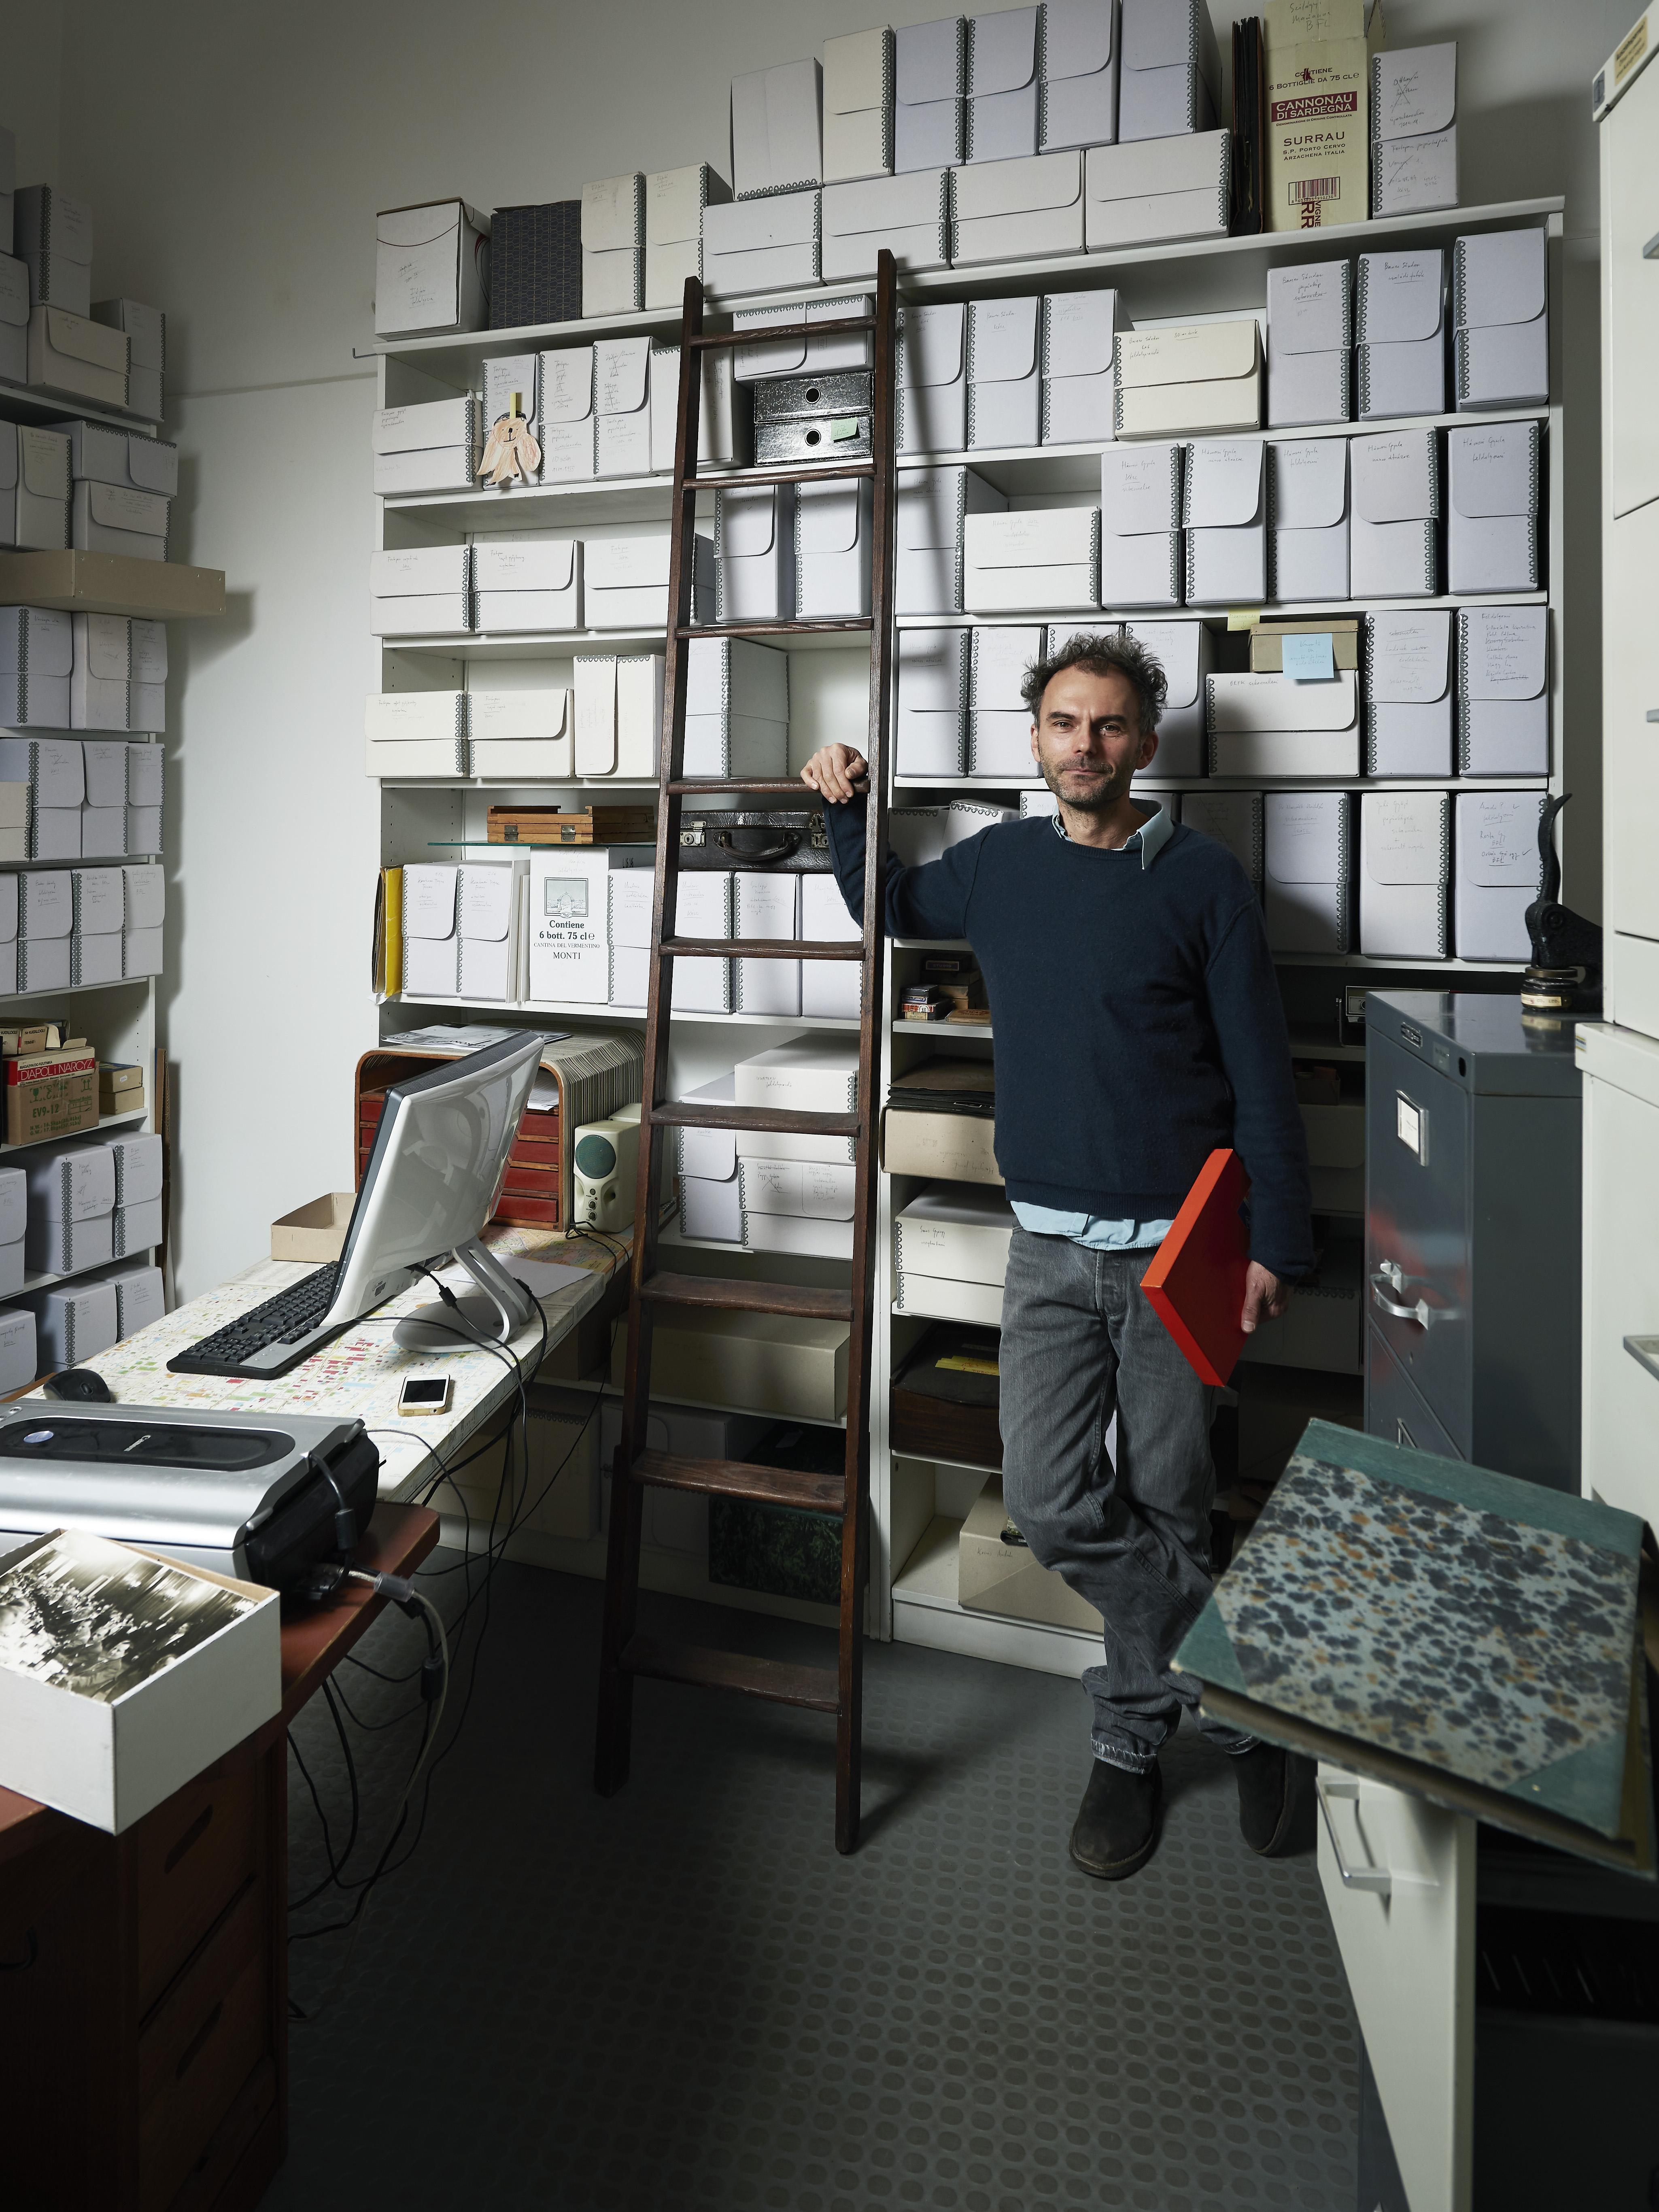 Tamási Miklós a Fortepan irodában